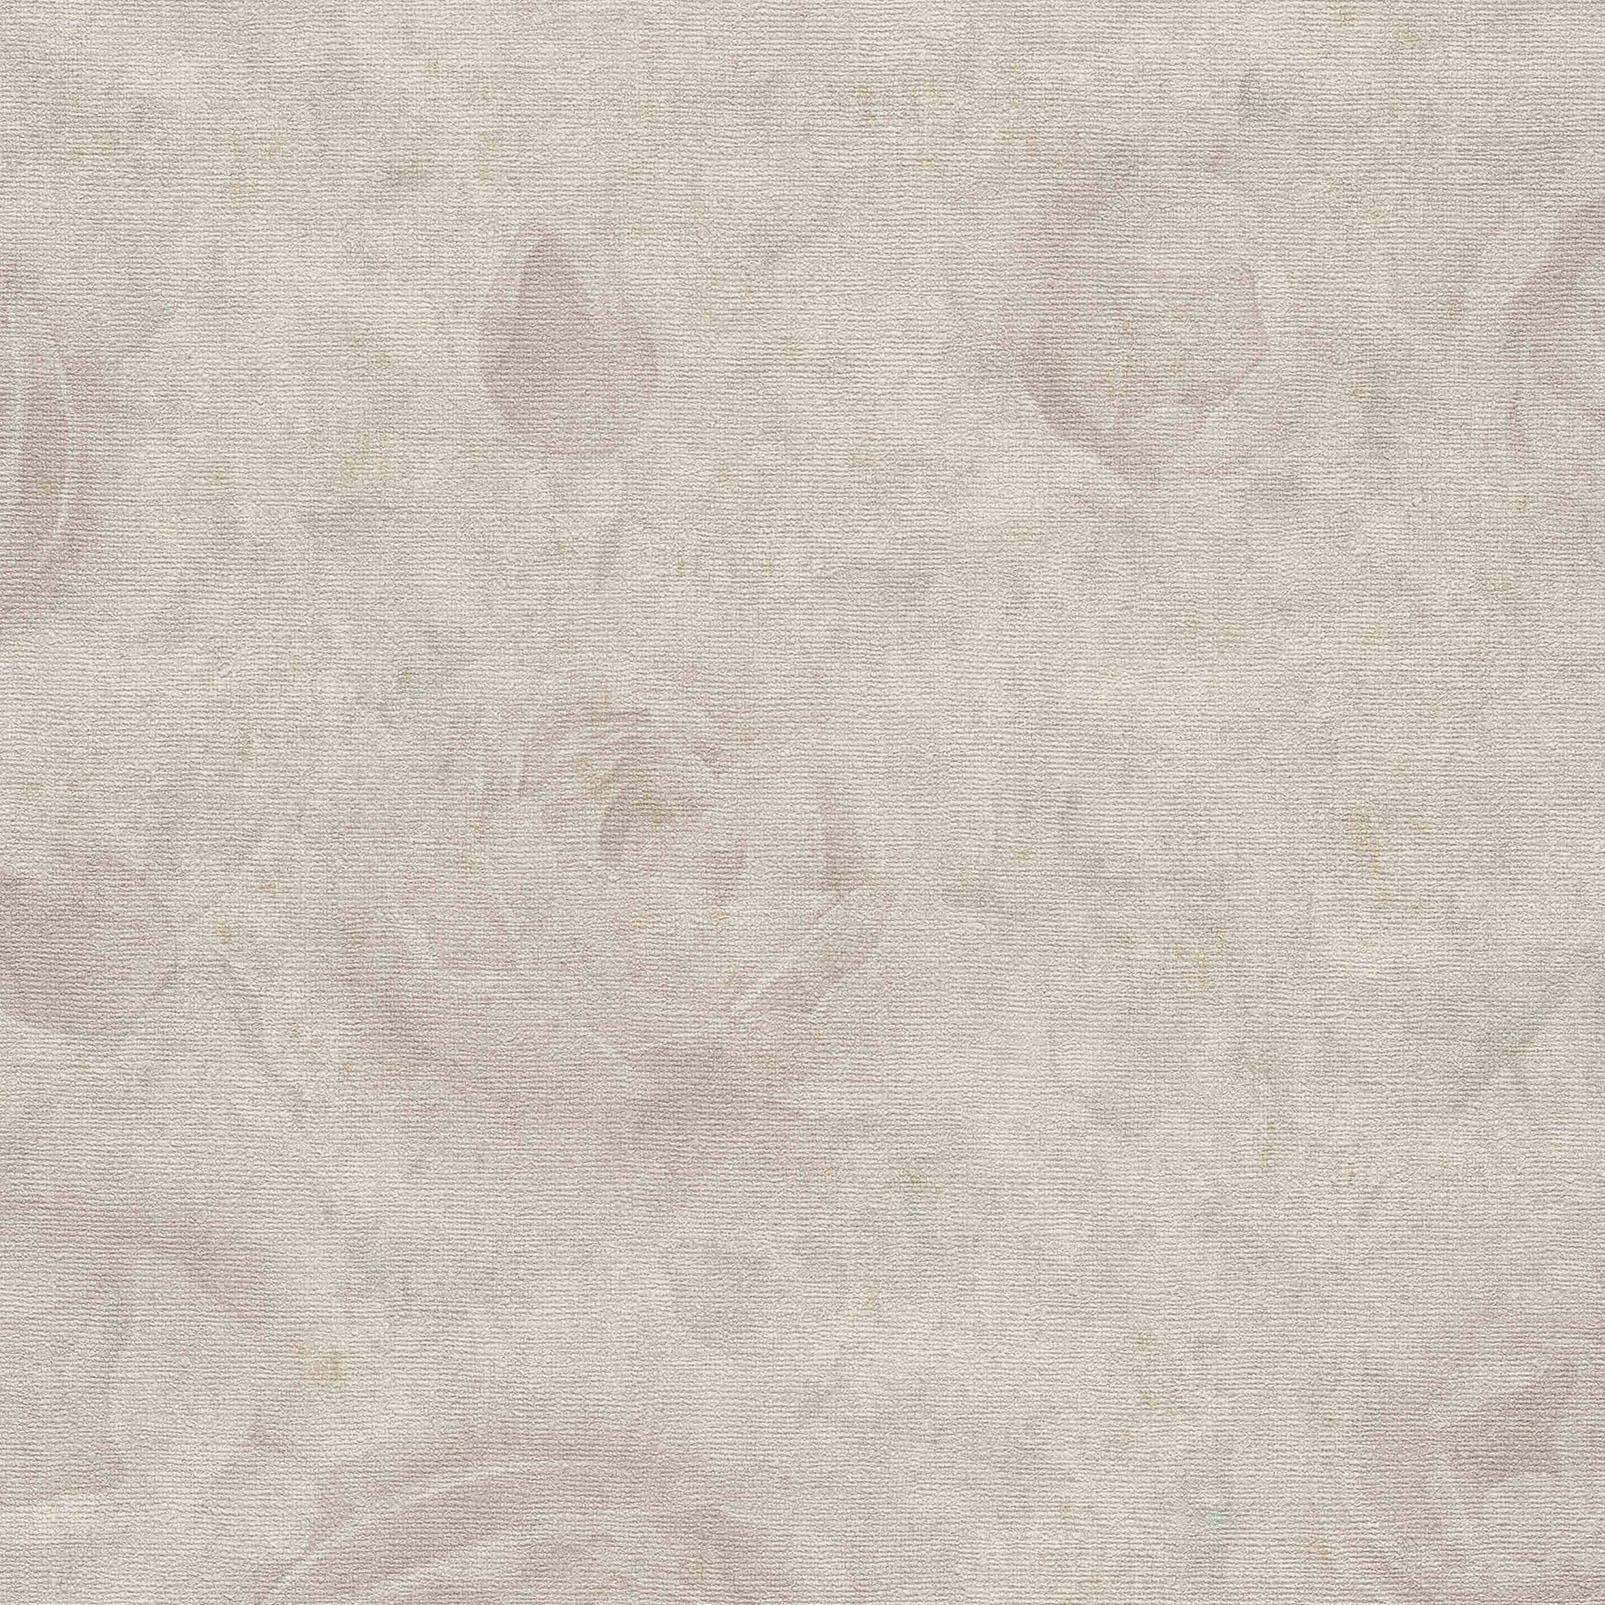 RM2 MYSTIC FLOWER RM2 219932 LATE